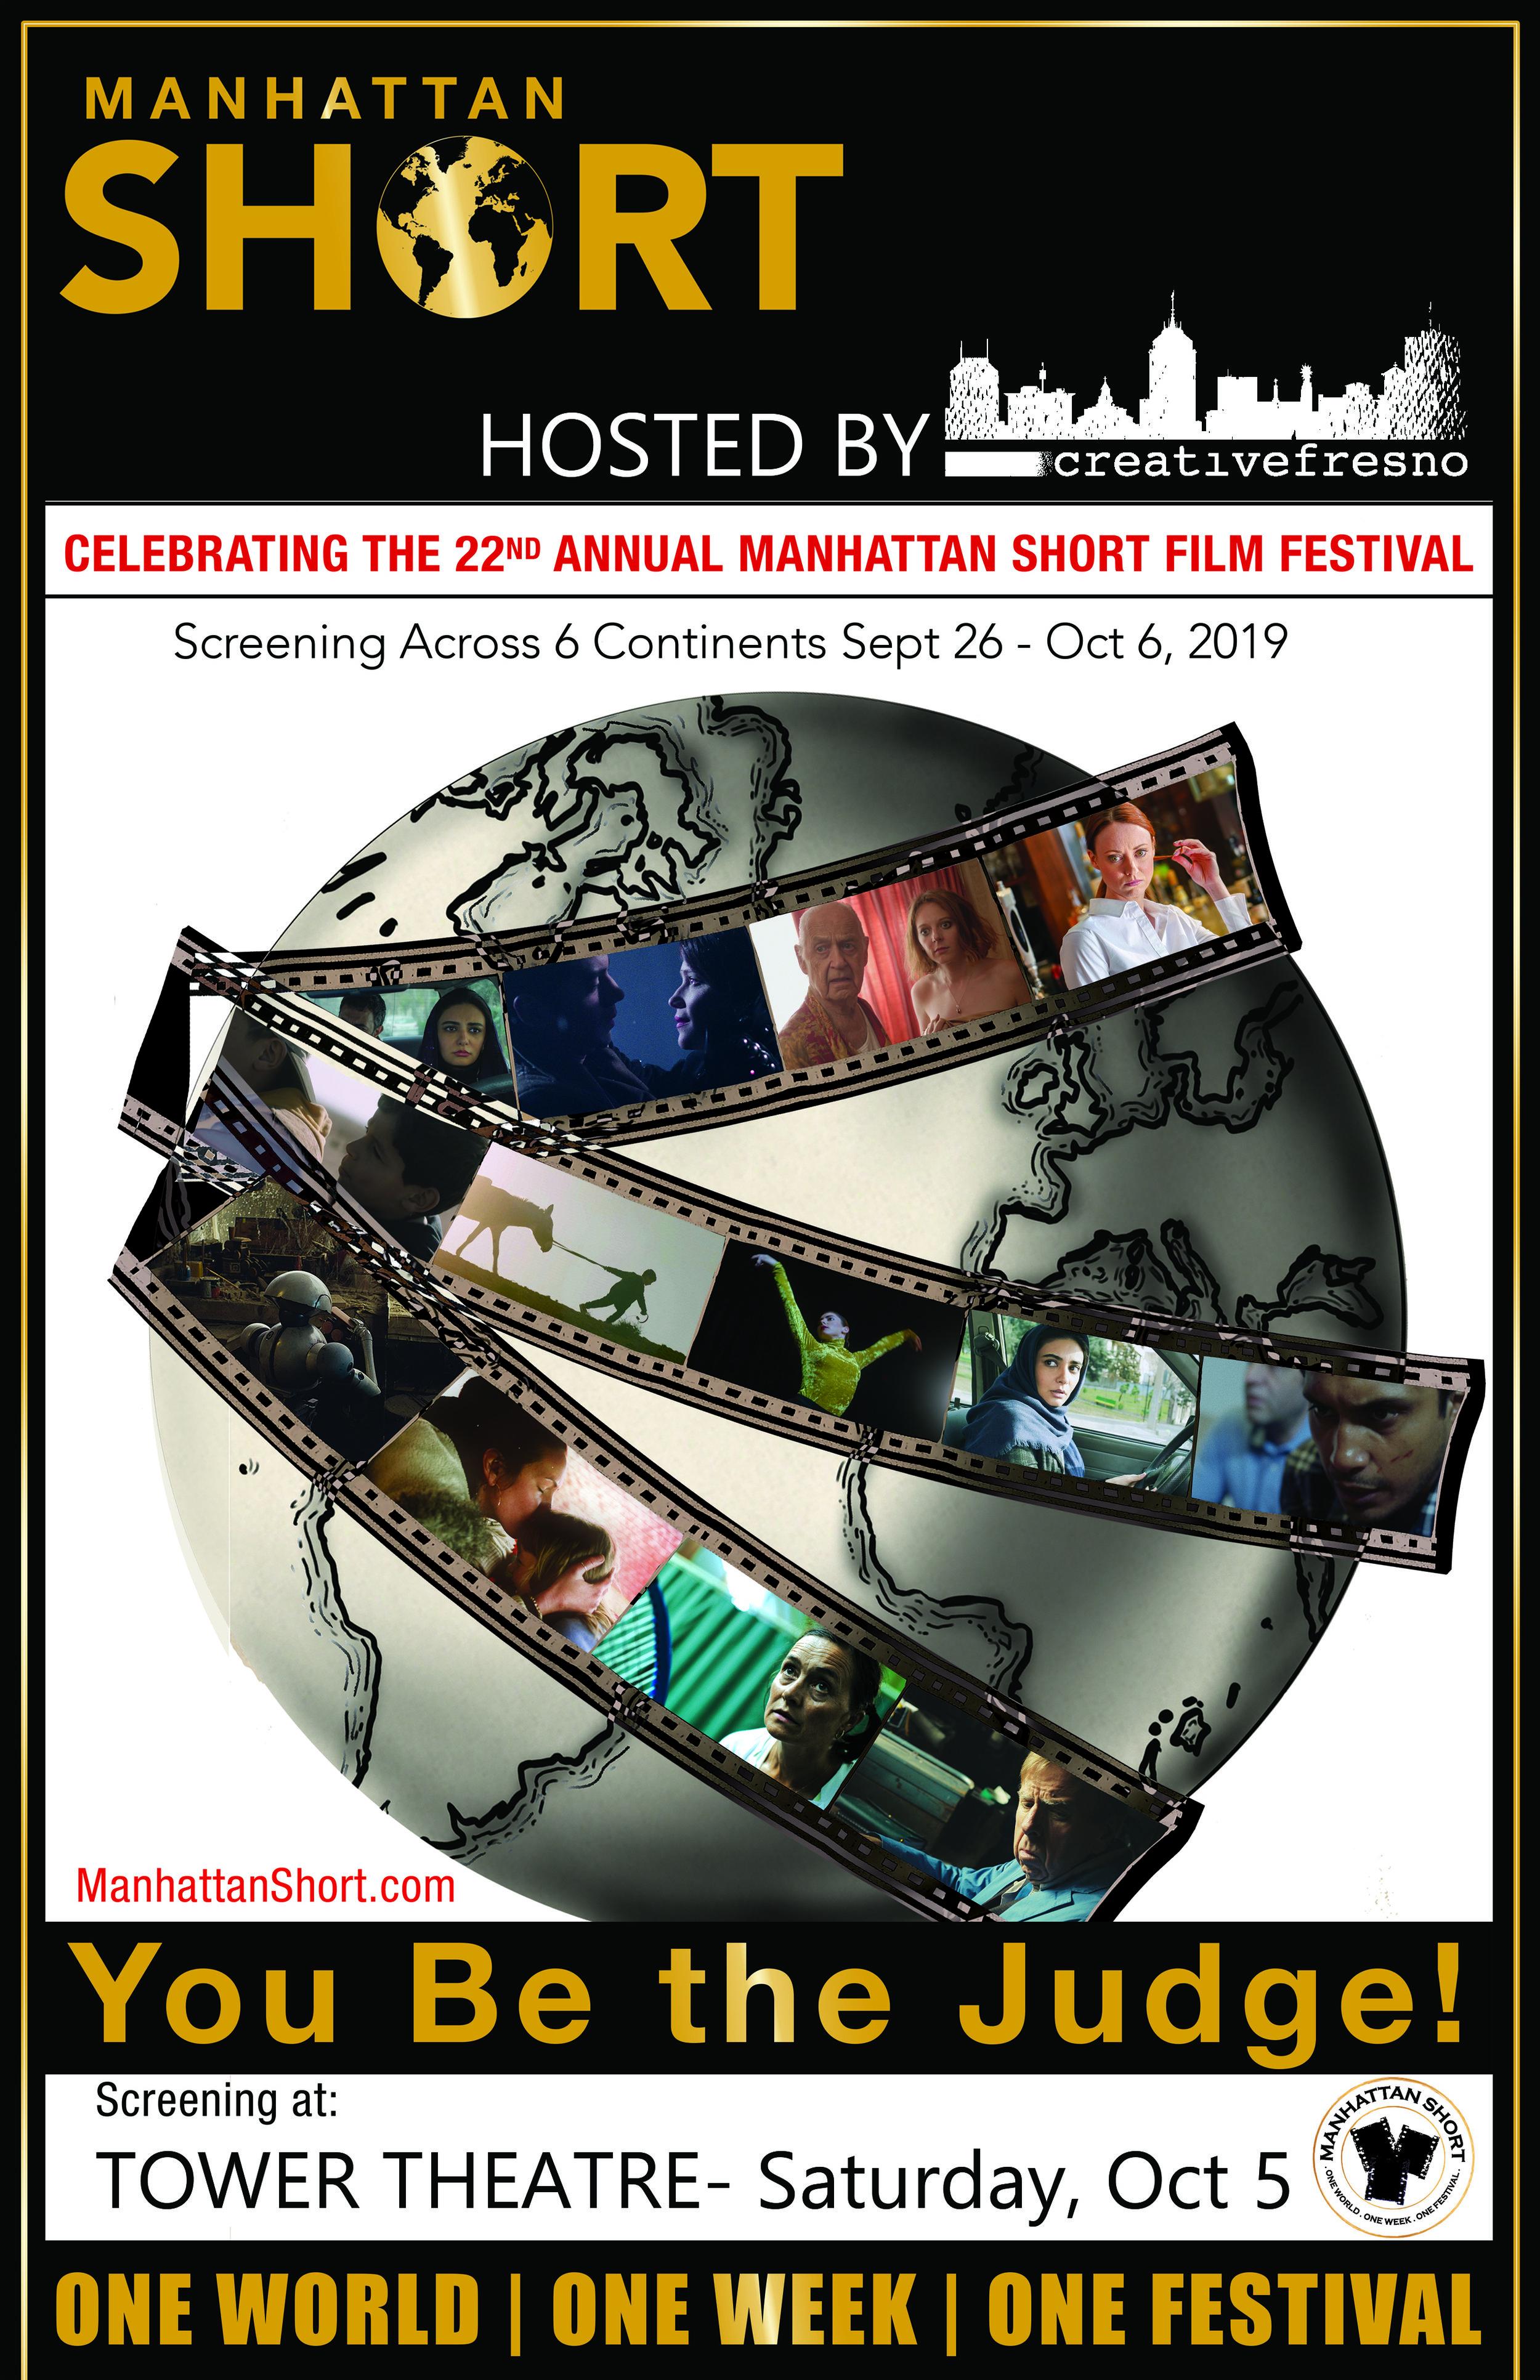 Creative Fresno- MShort Film Poster.jpg